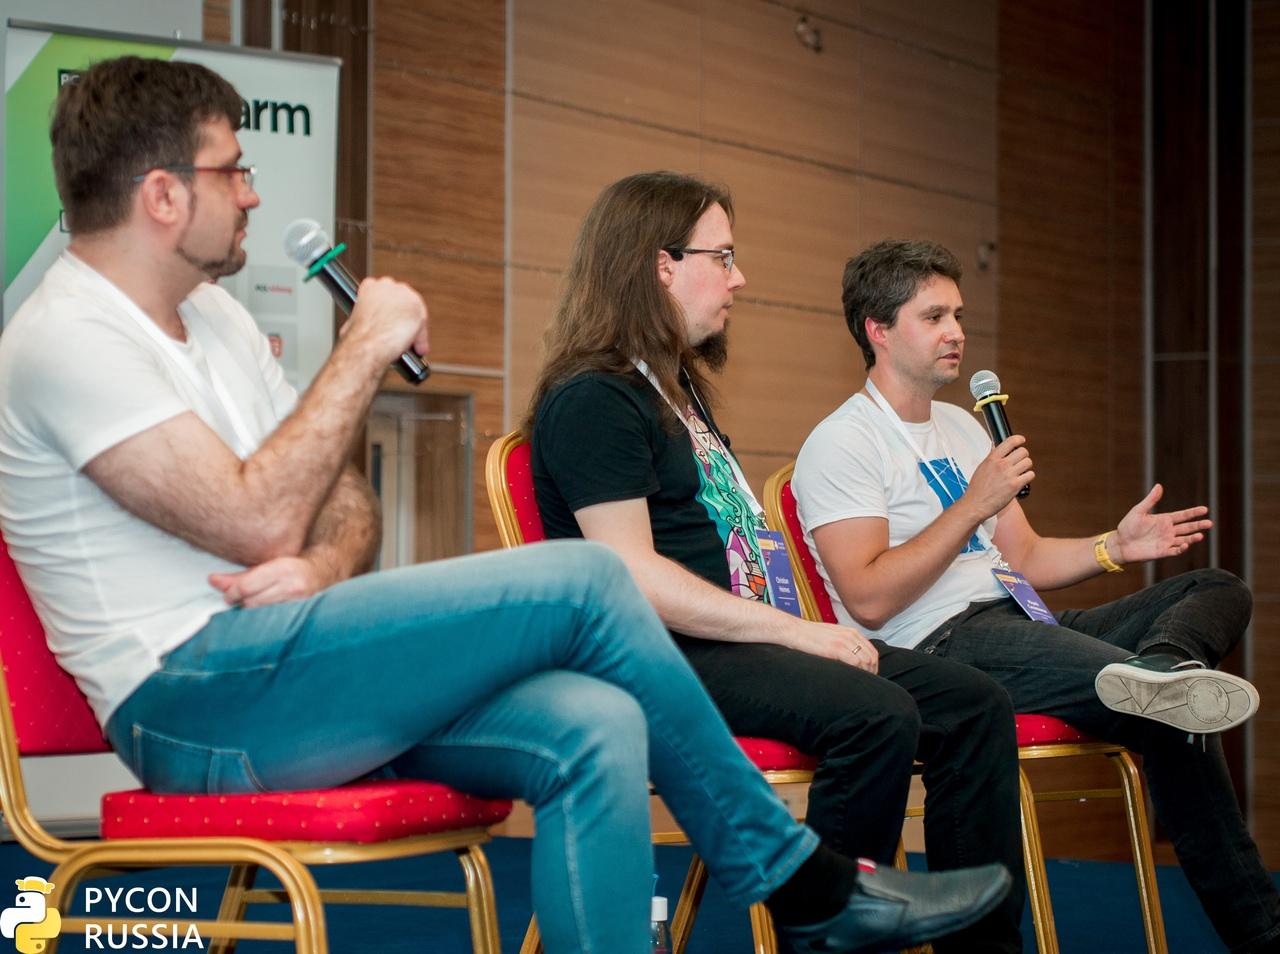 Конференция PyCon Russia 2018: видео всех докладов и презентации - 1